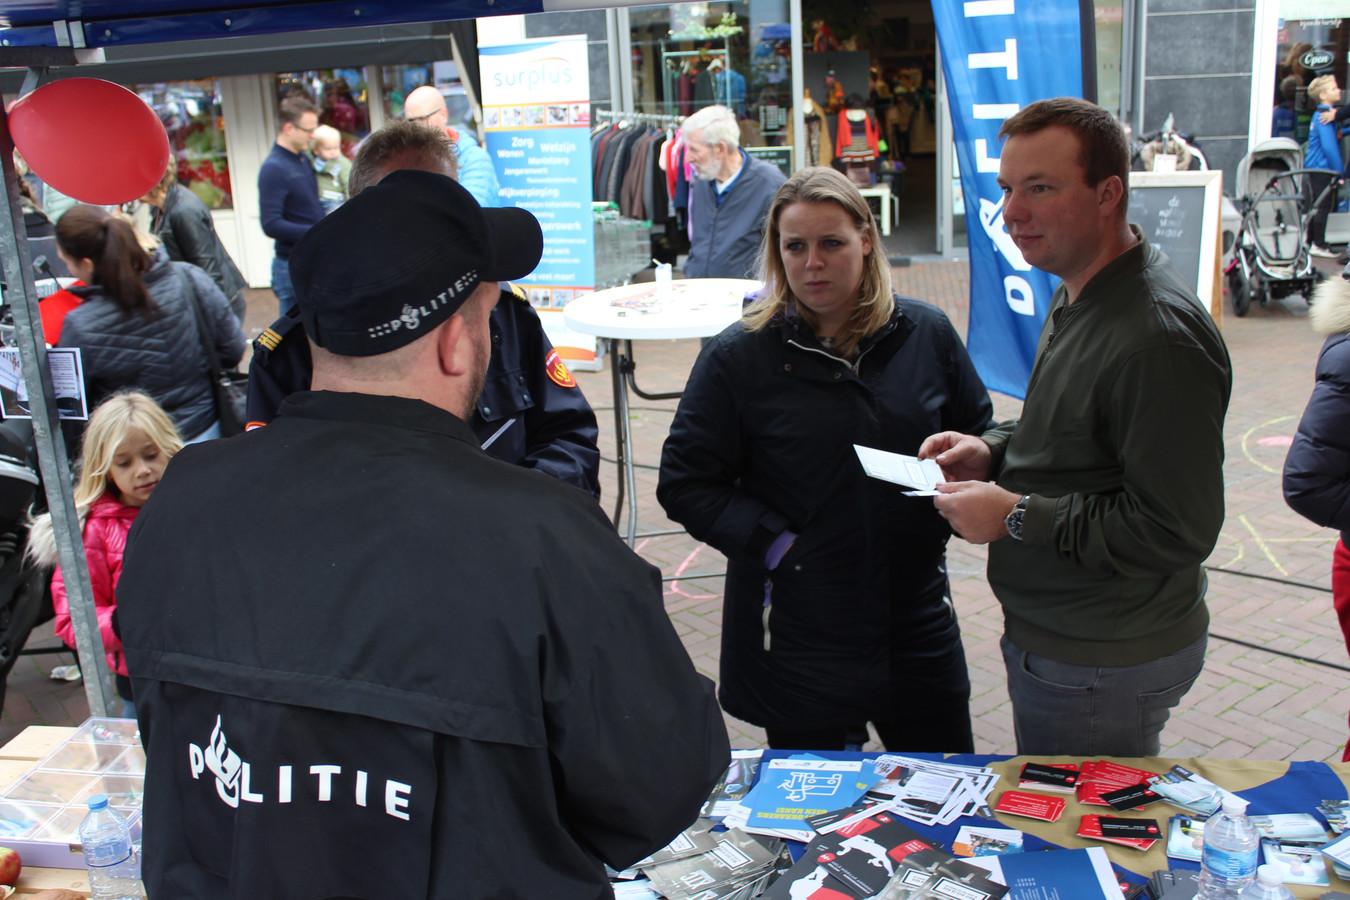 De politie had niet te klagen over aanloop op de veiligheidsmarkt in Sleeuwijk.